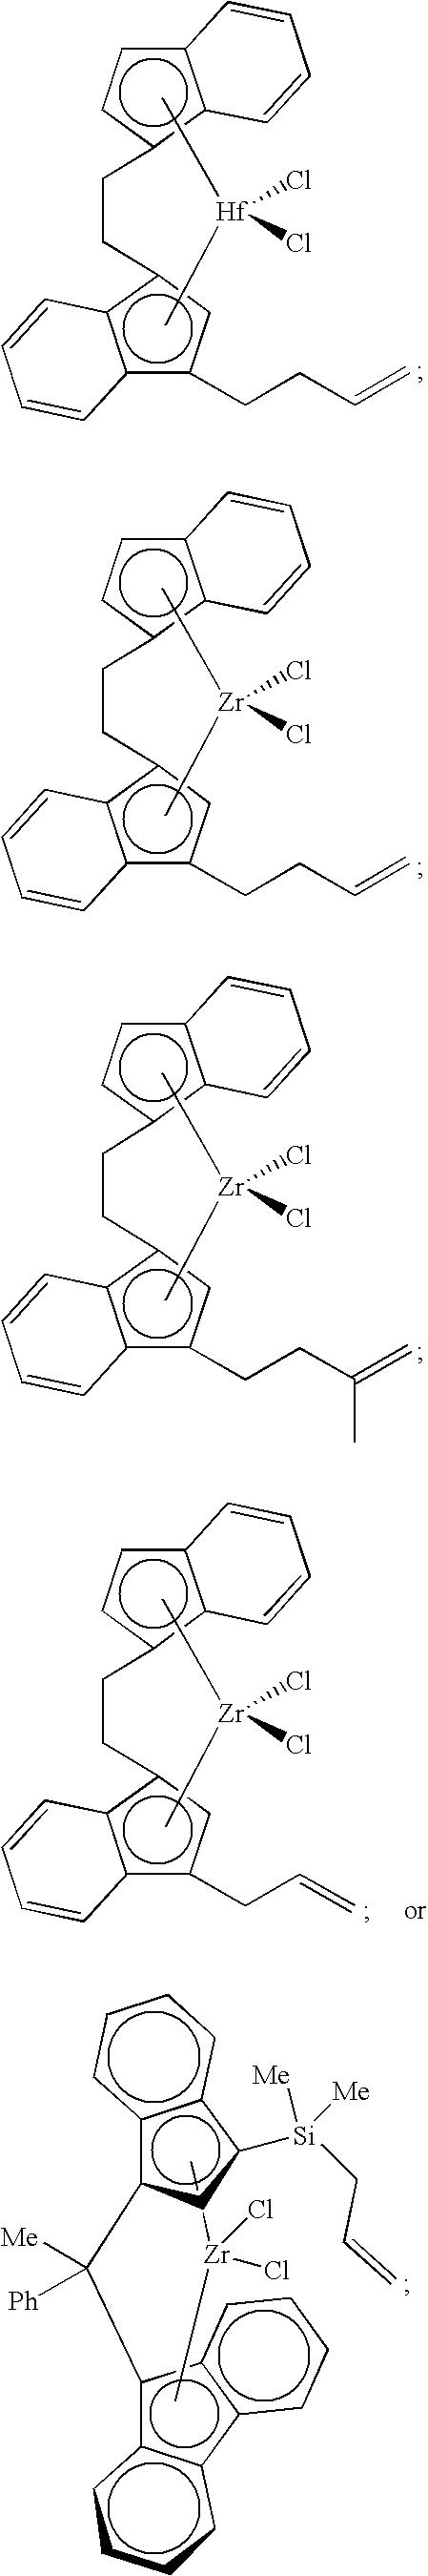 Figure US20100227989A1-20100909-C00004